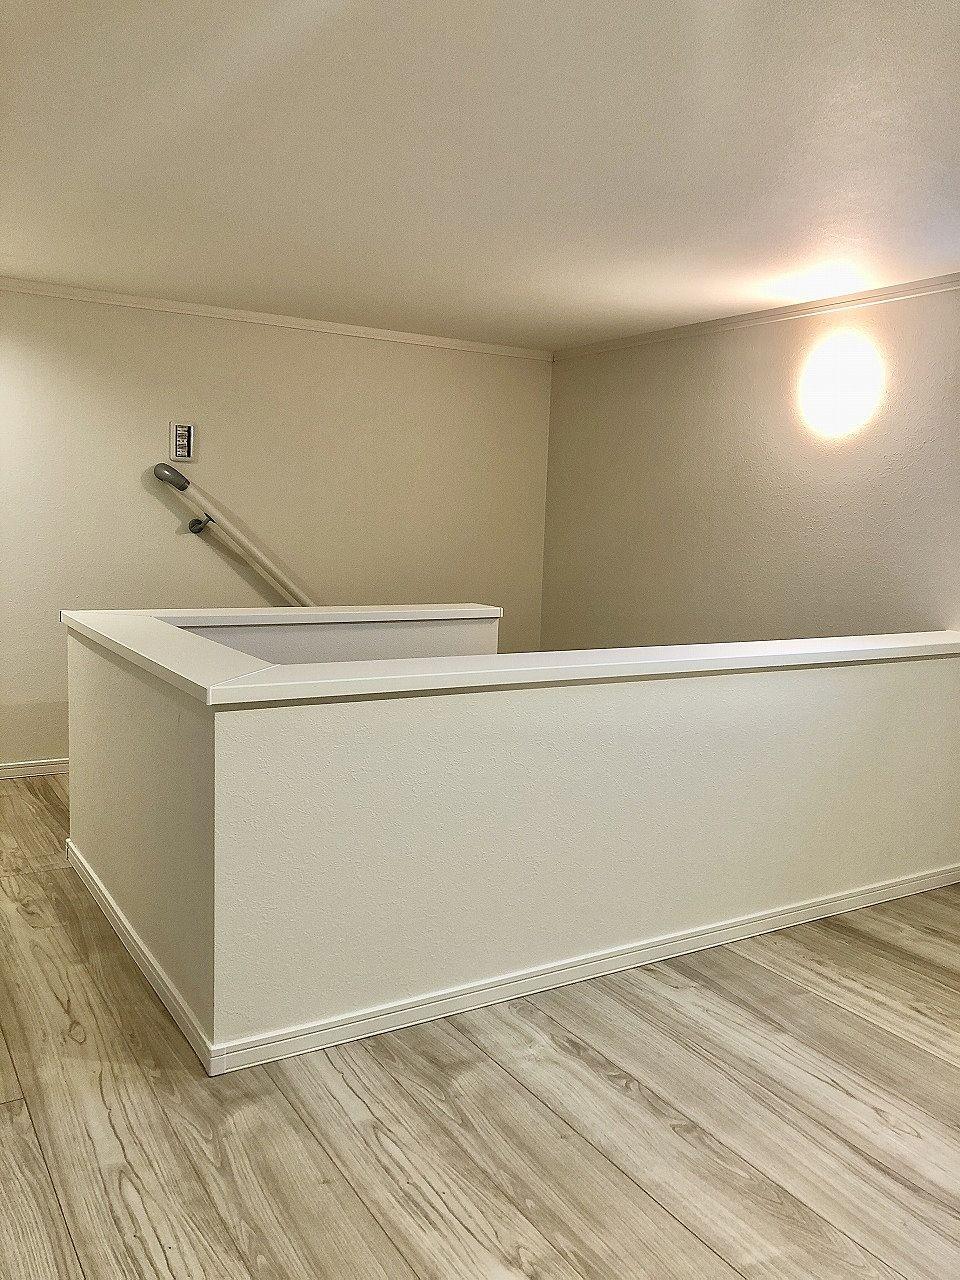 階段で上がれる4.2帖大の小屋裏収納があります。照明、換気扇もあり保存庫や倉庫代わりにも使えます。